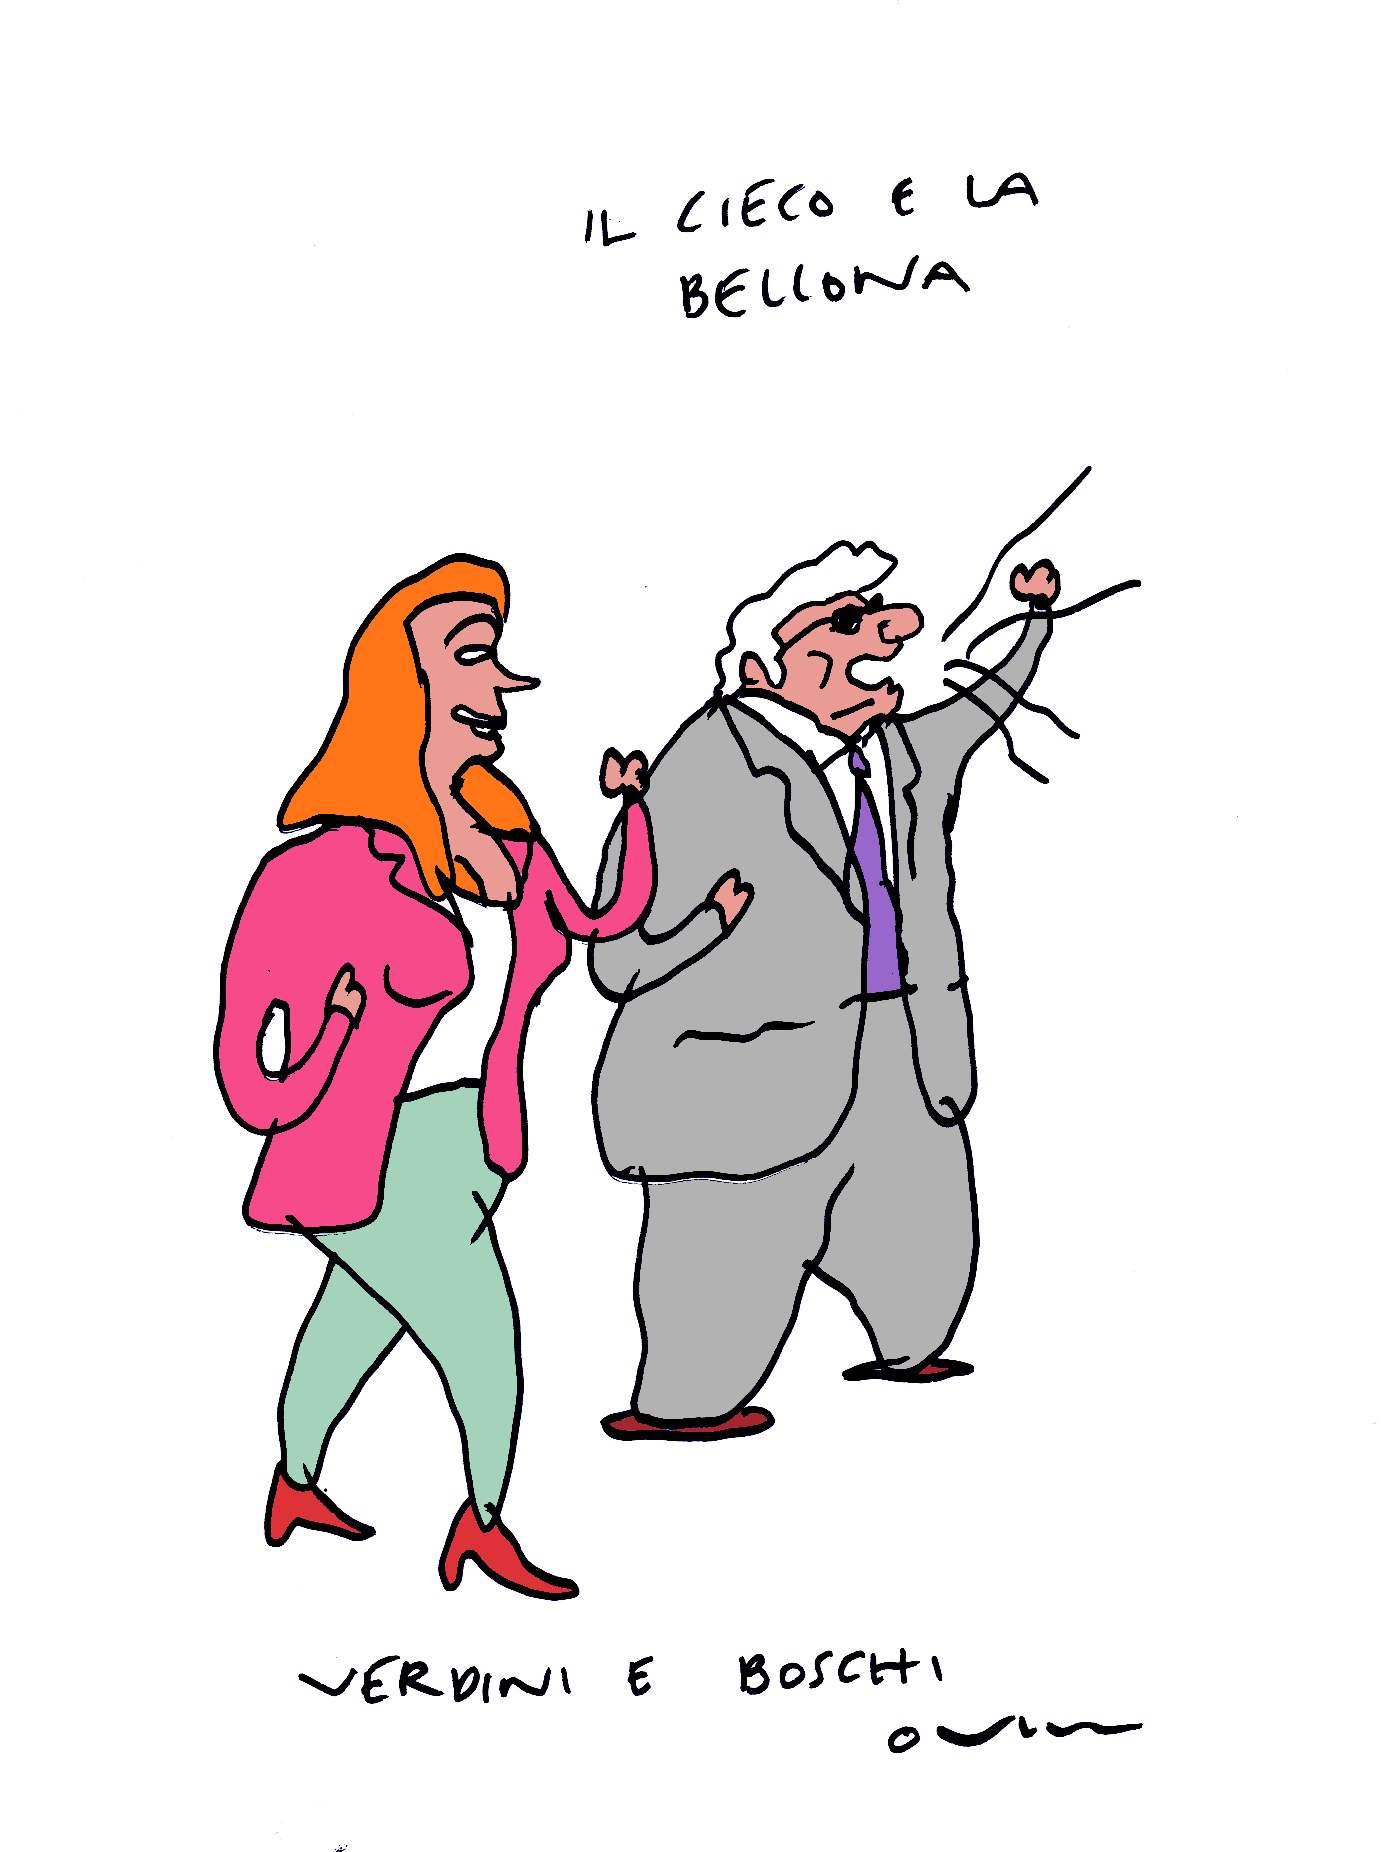 ceco e bellonaK